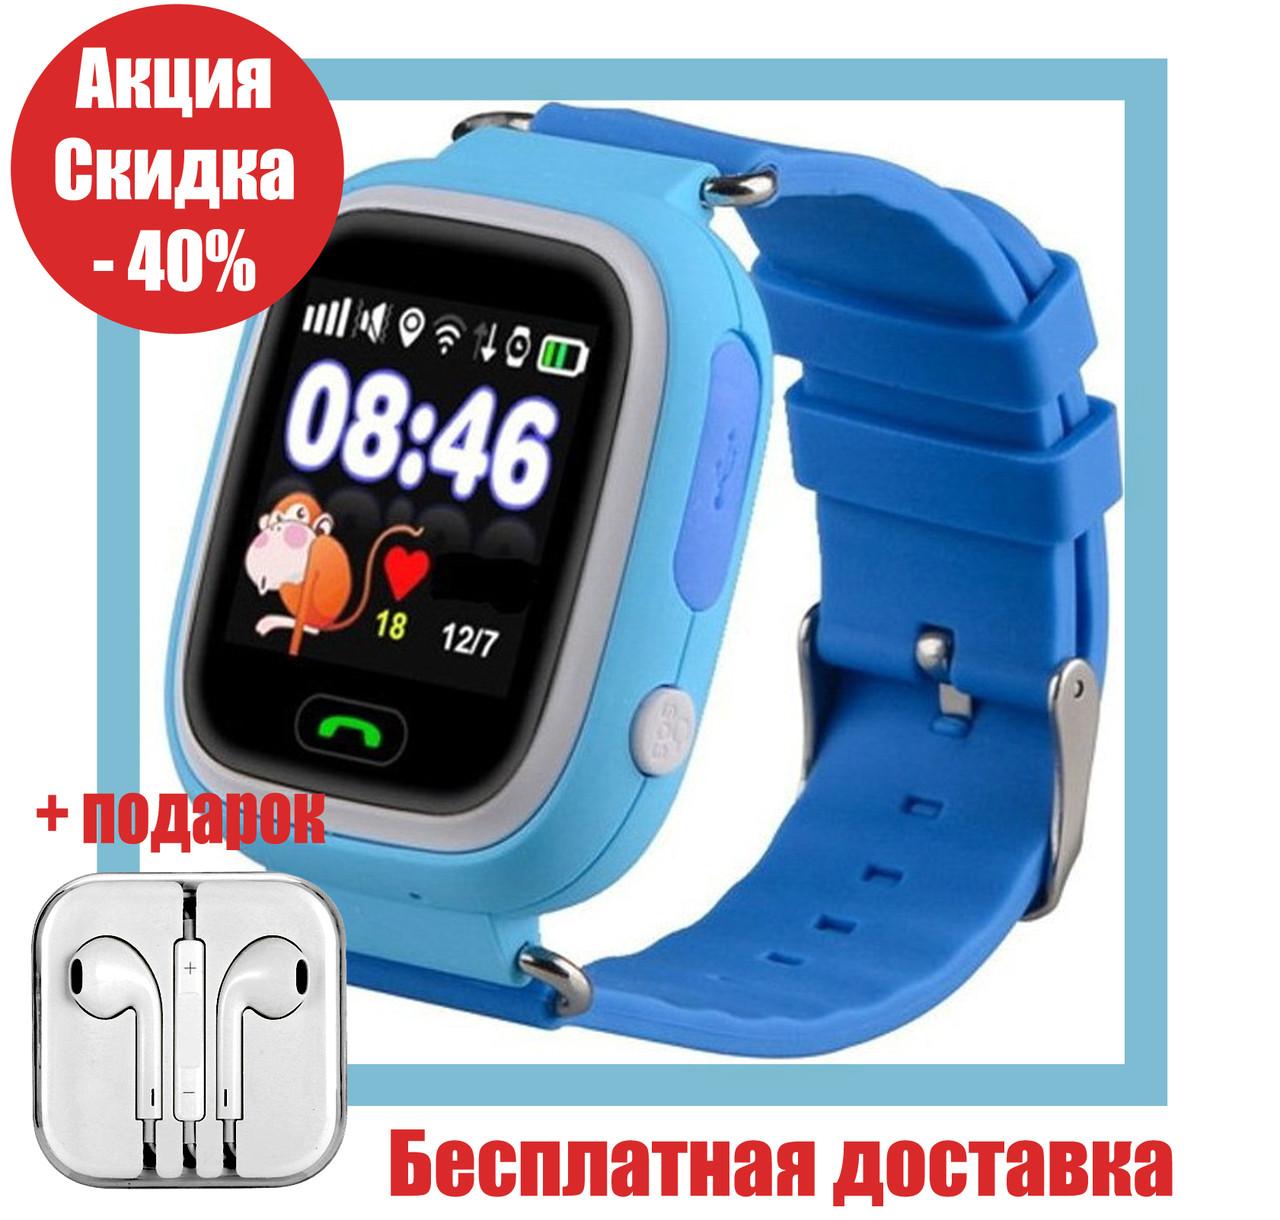 Детские умные часы Smart Baby Watch Q90 с GPS трекером, сенсорный дисплей. Бесплатная доставка + подарок